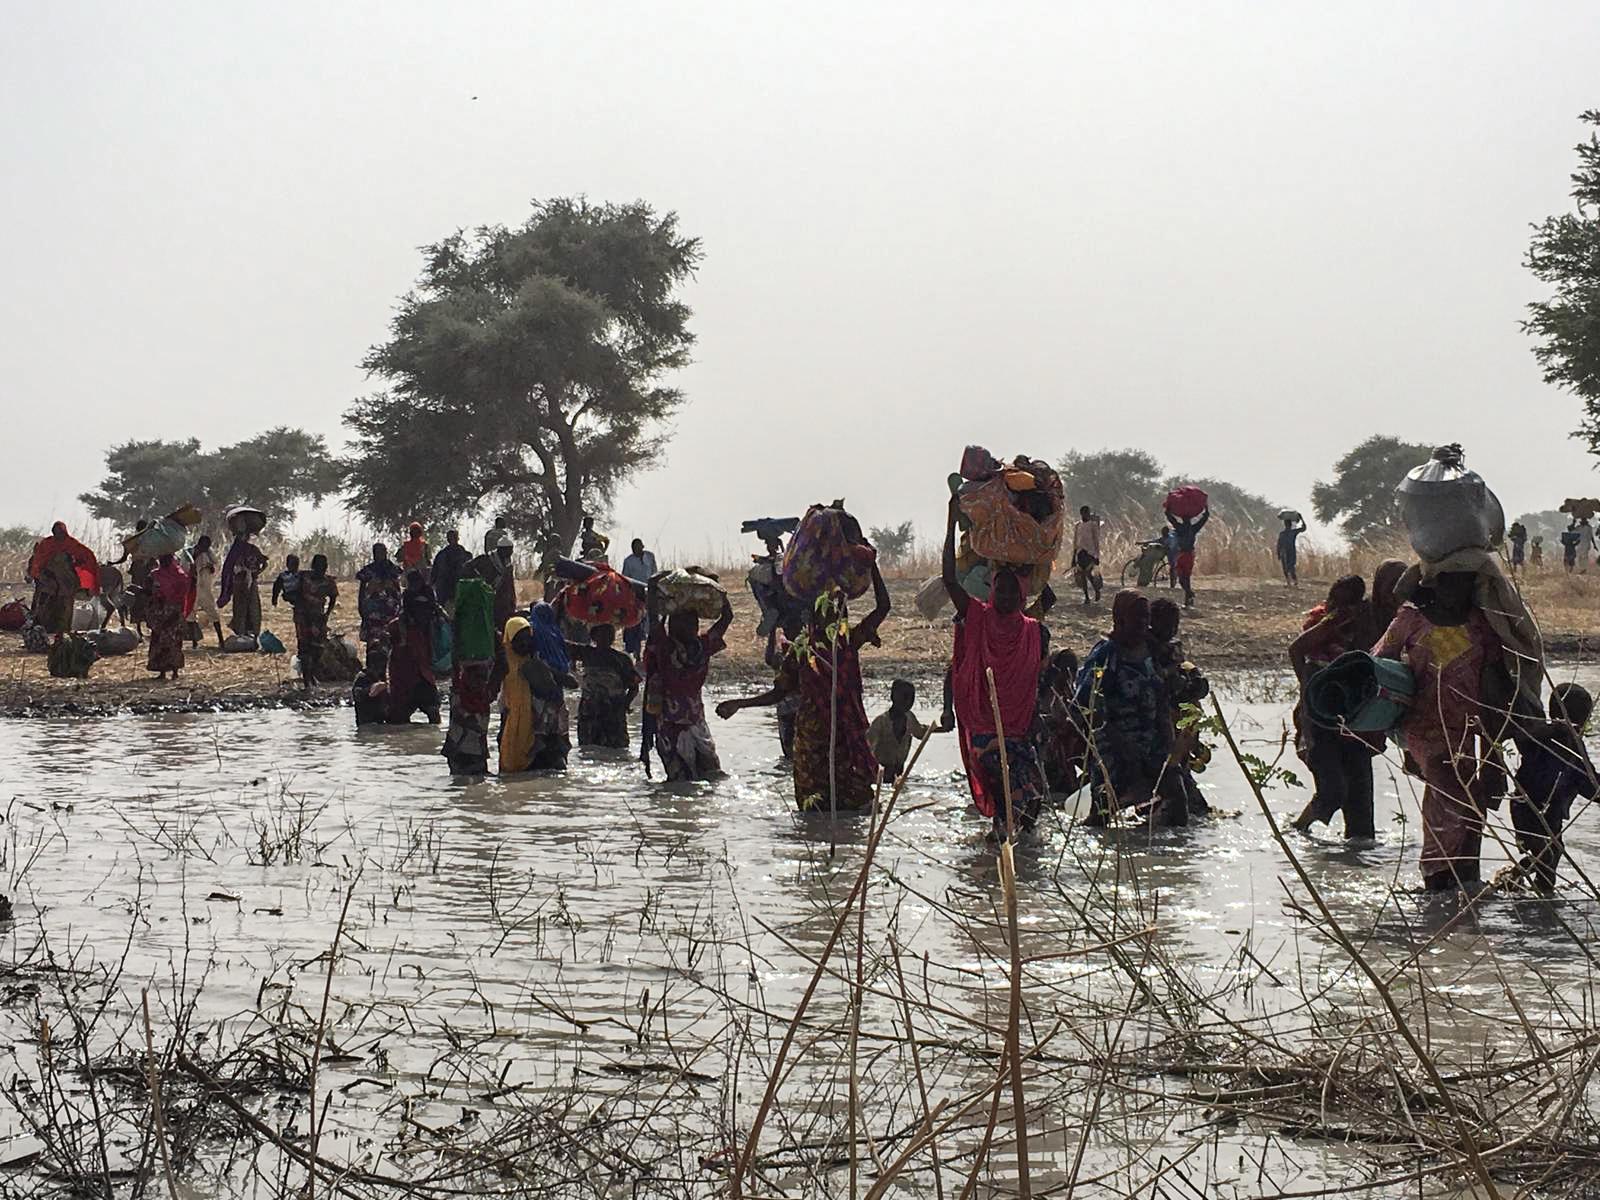 Nord-est du Nigeria : « Rann transformée en cimetière » après une attaque violente